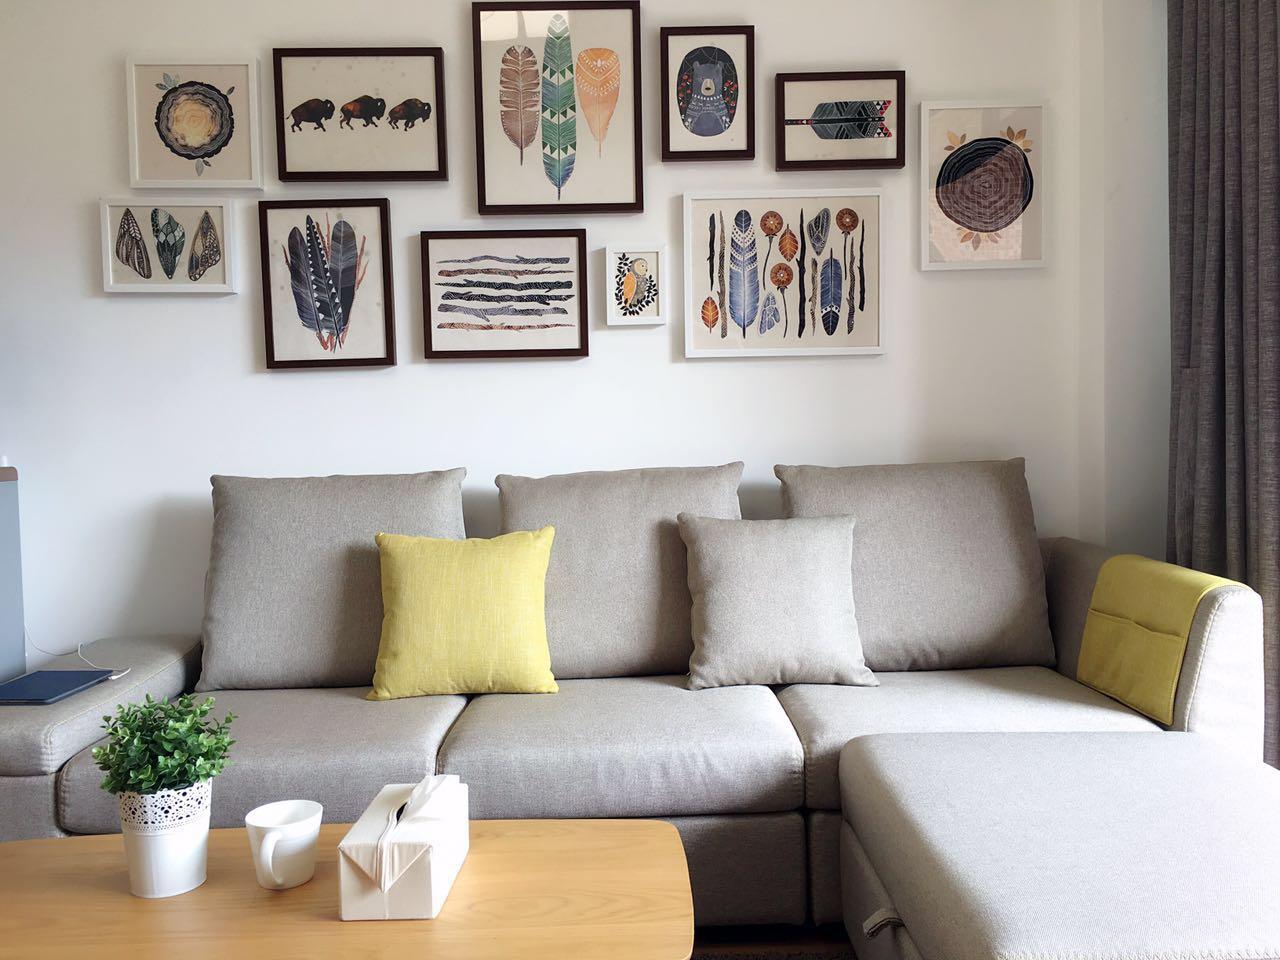 客厅的整体空间色调为冷灰色,冷灰色调是北欧风格中的常用色调,搭配得当的话十分彰显品位。